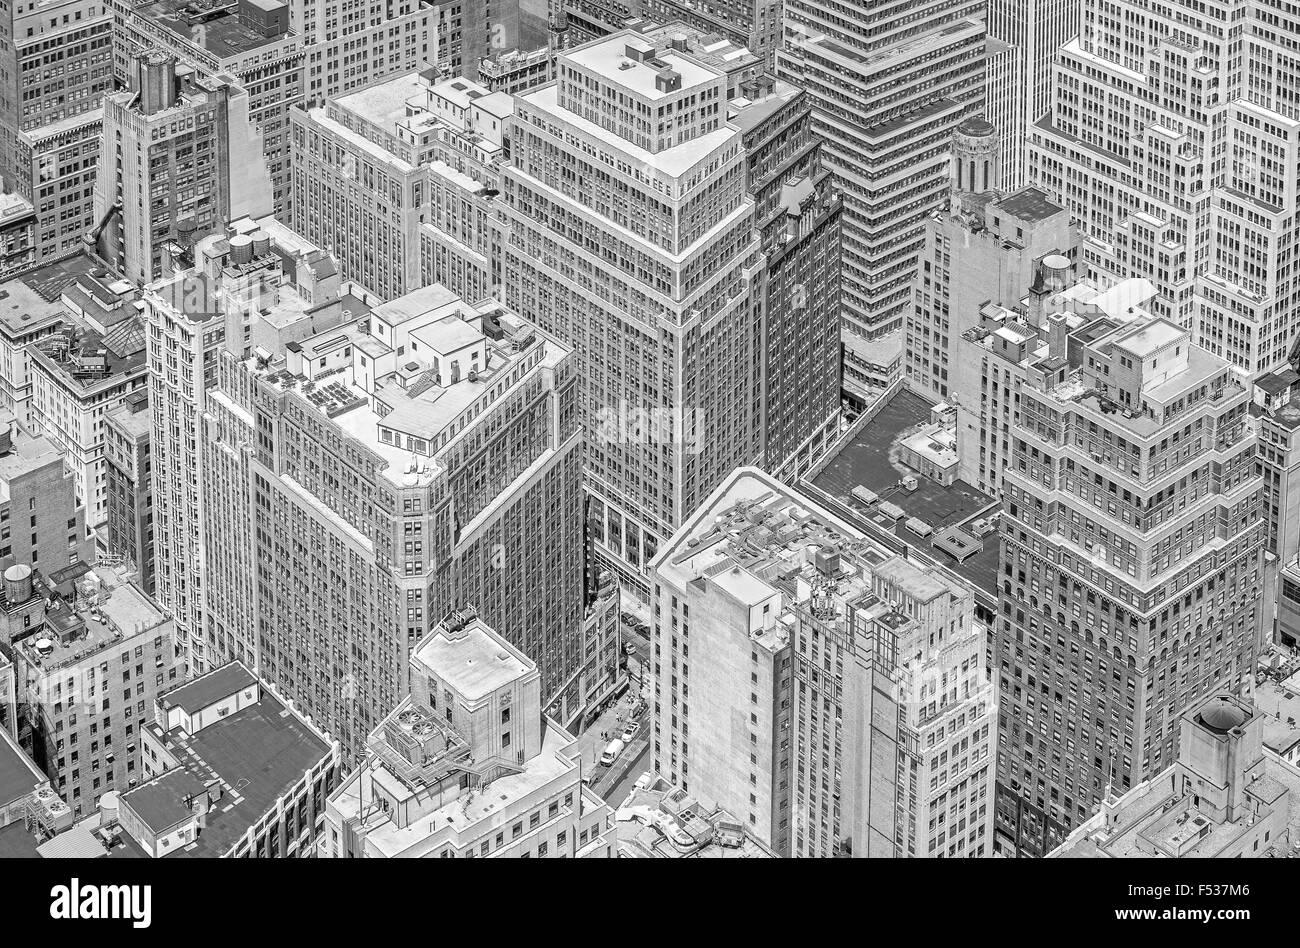 Photo noir et blanc, les tours d'habitation de Manhattan à New York City, USA. Banque D'Images